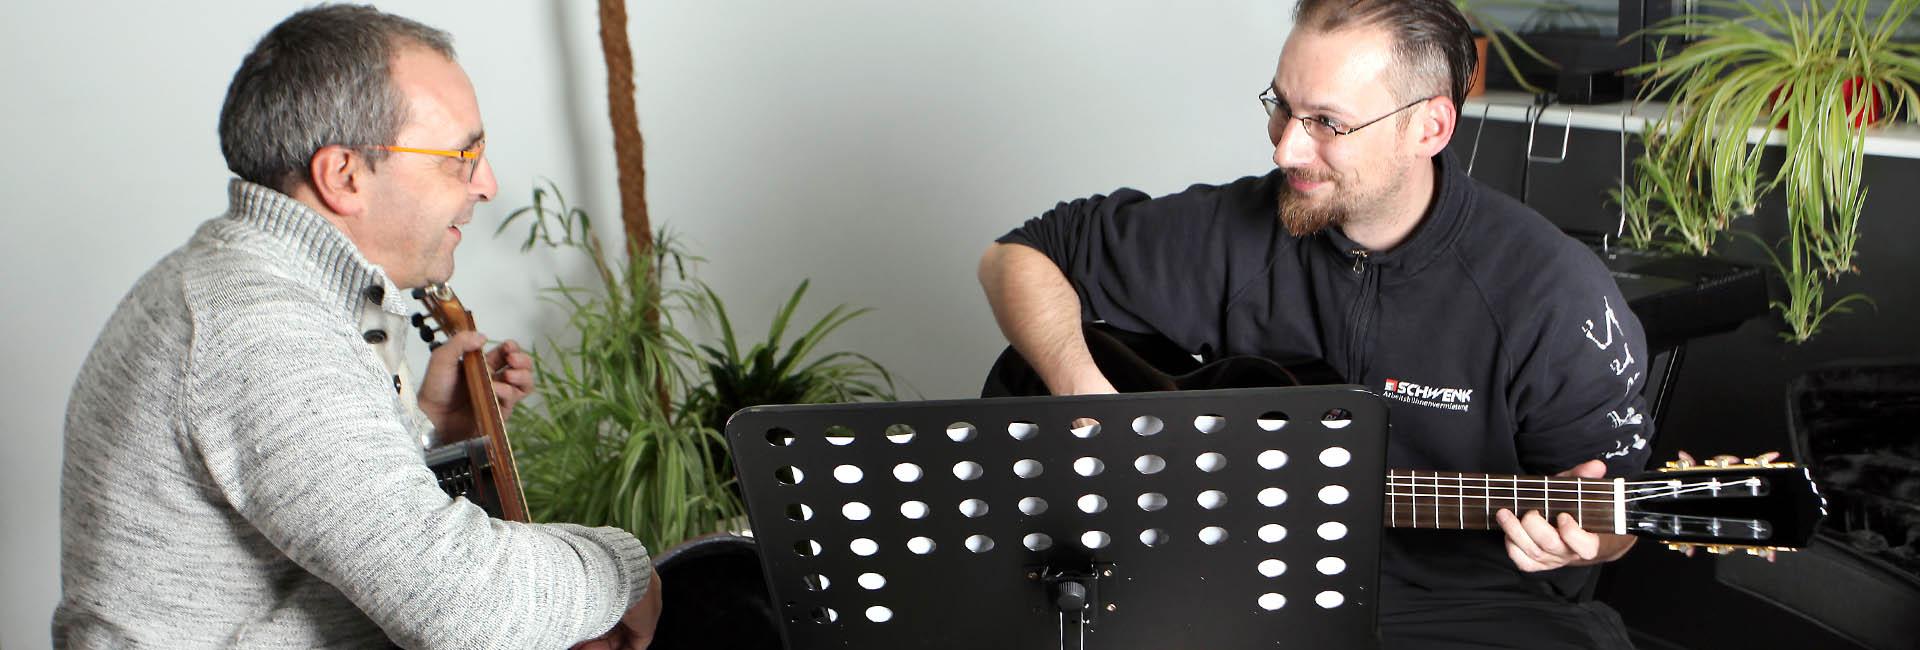 Musikunterricht in Schramberg Gitarrenunterricht